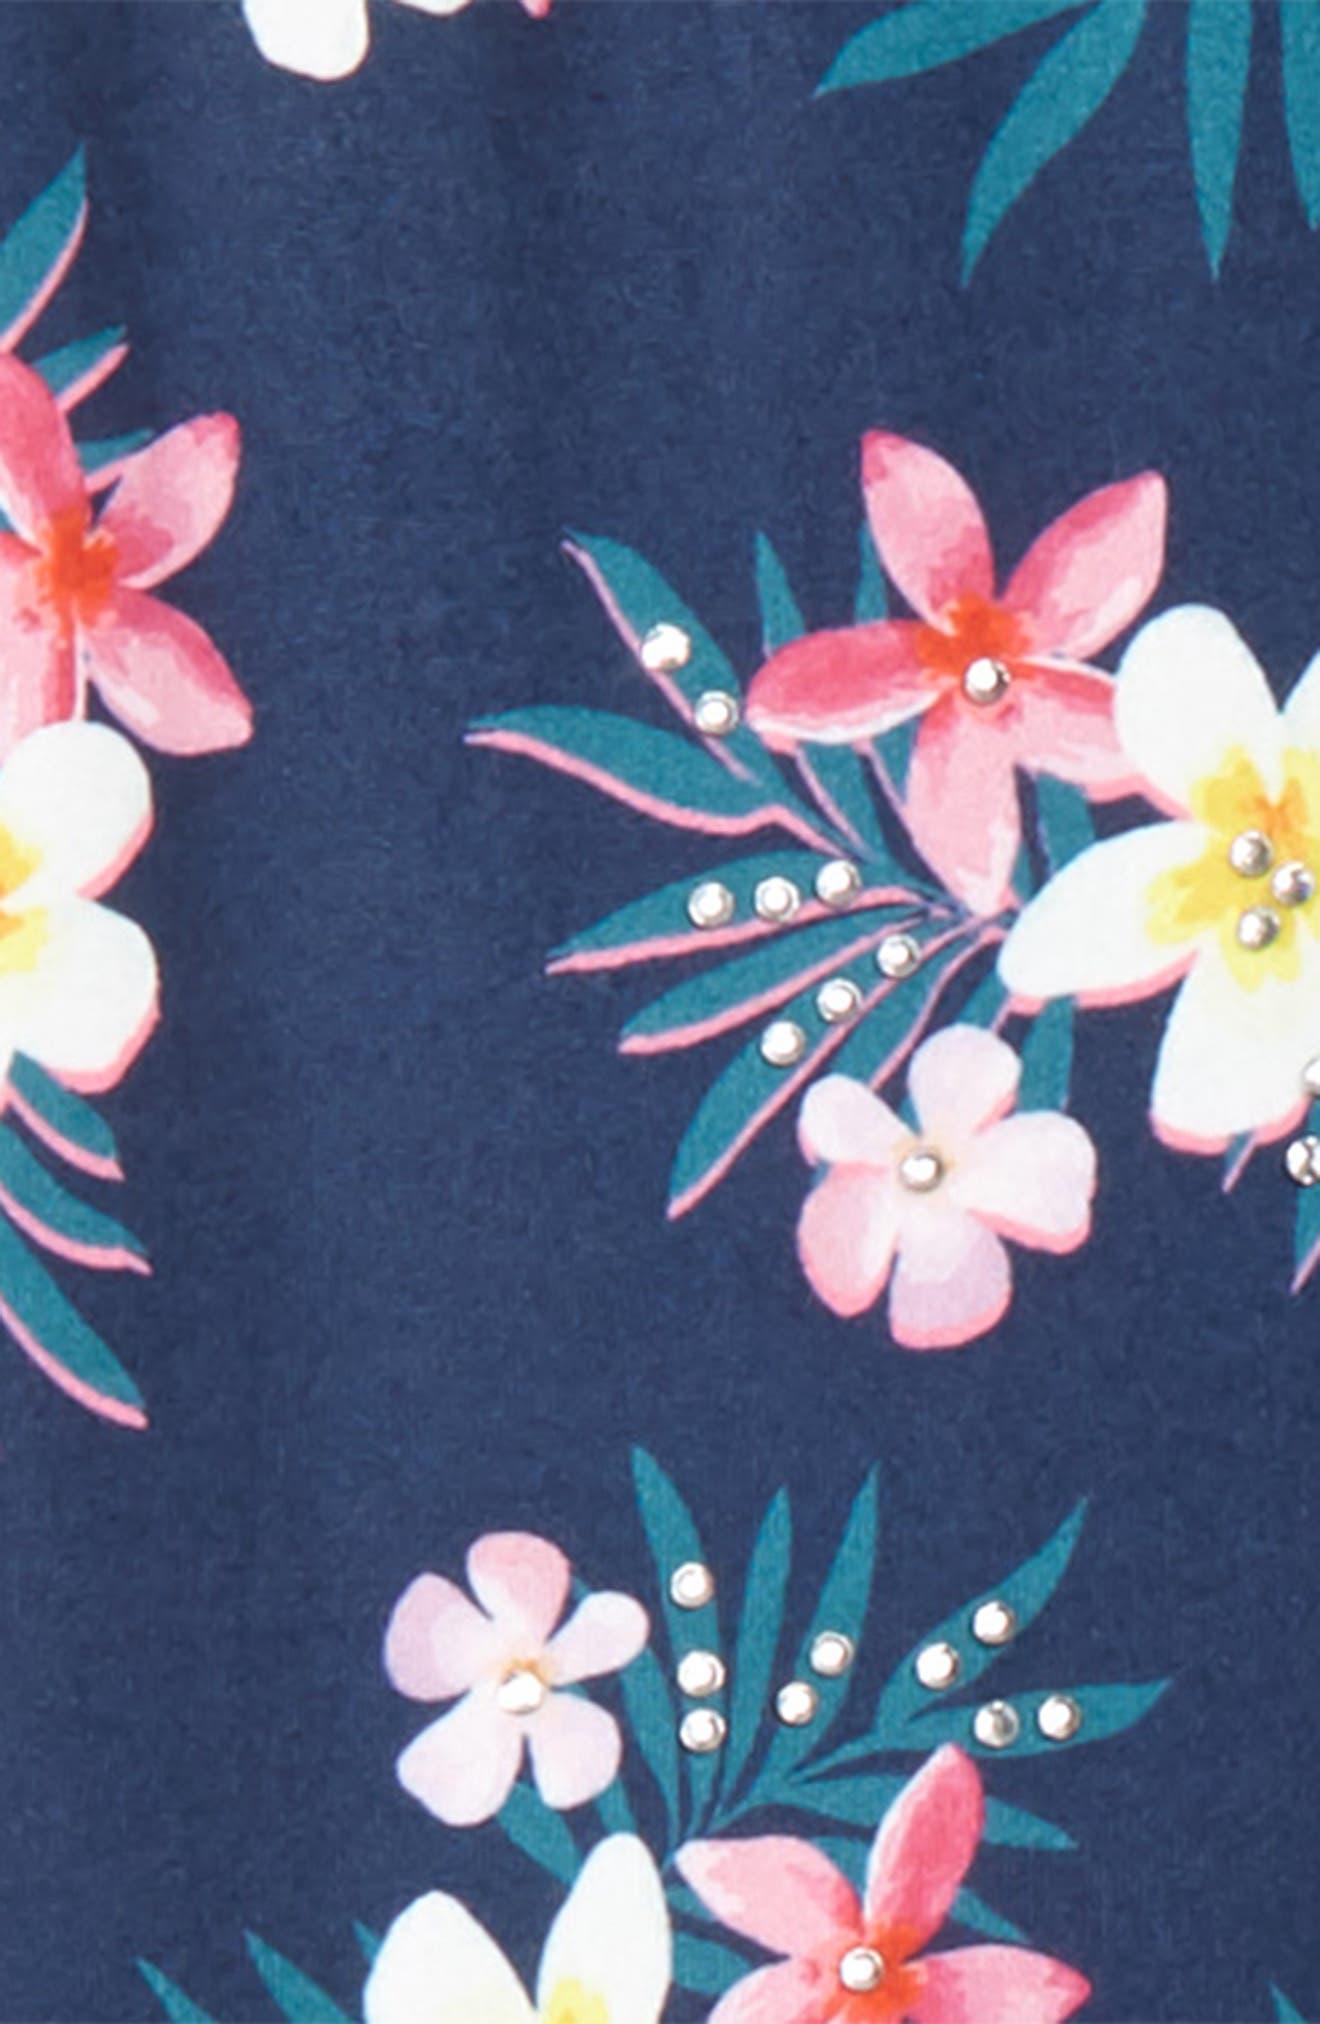 Embellished Floral Print Leggings,                             Alternate thumbnail 2, color,                             Navy